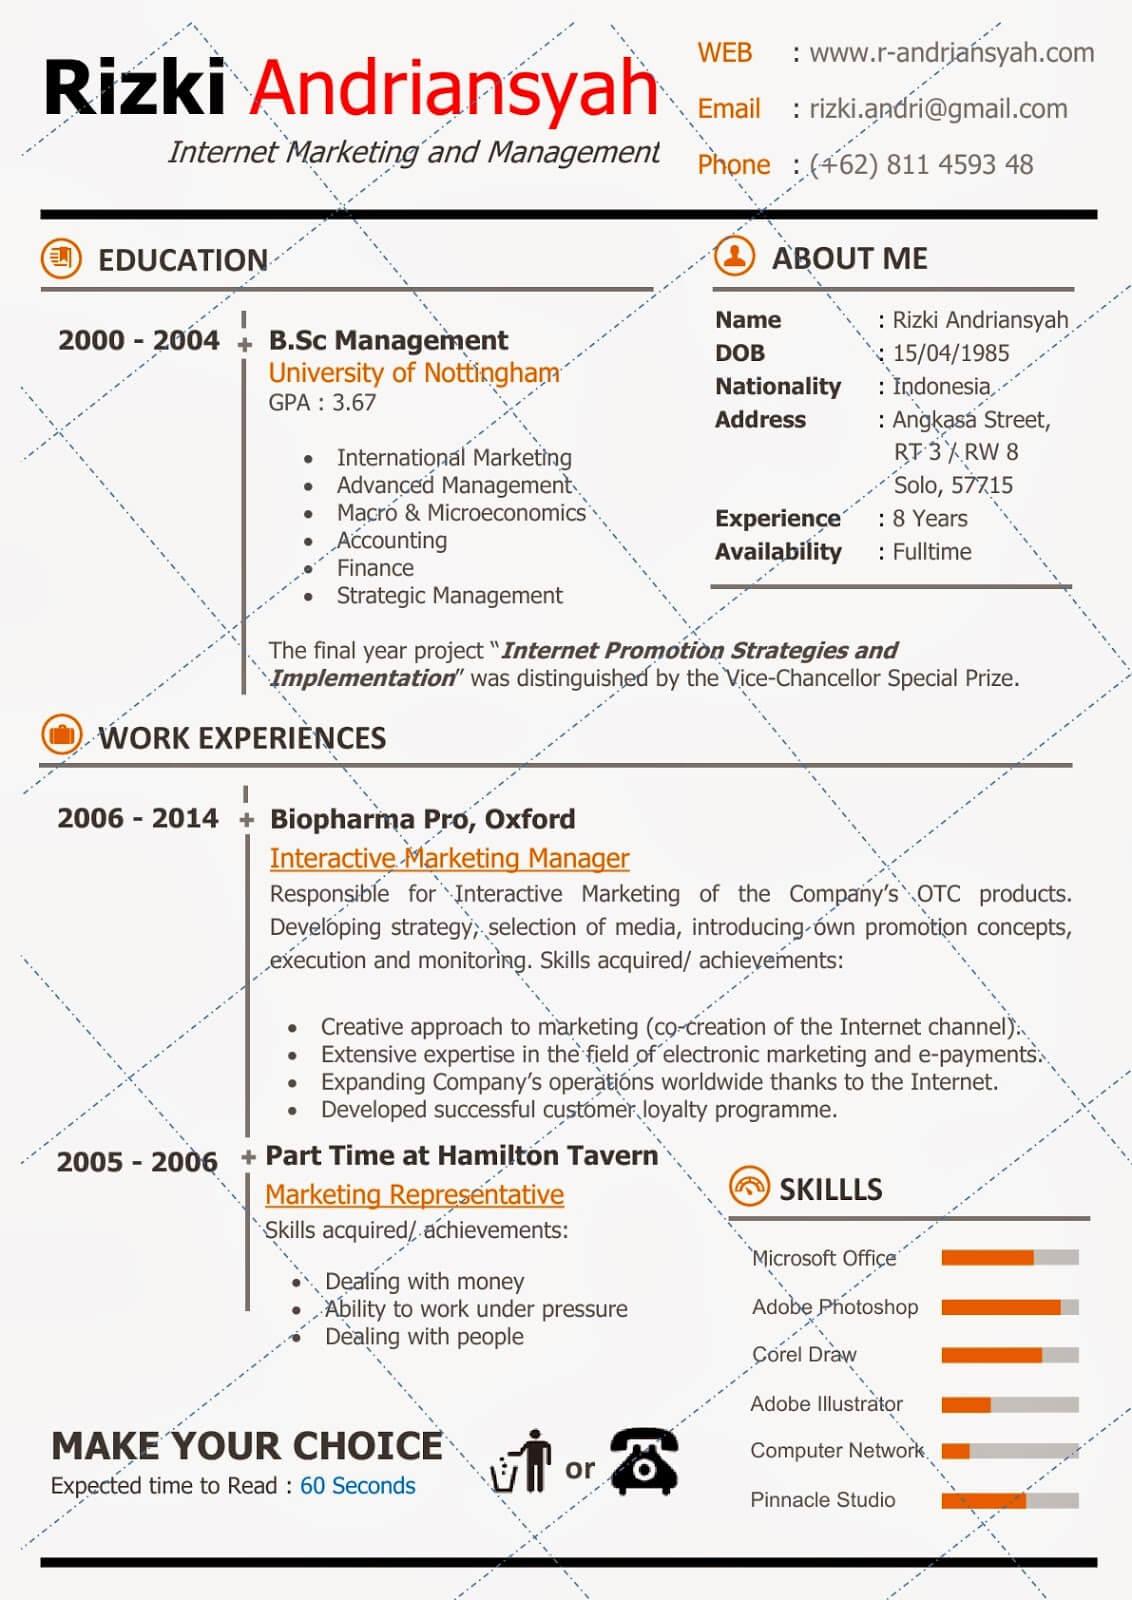 Contoh CV Dalam Bahasa Inggris Untuk Beasiswa